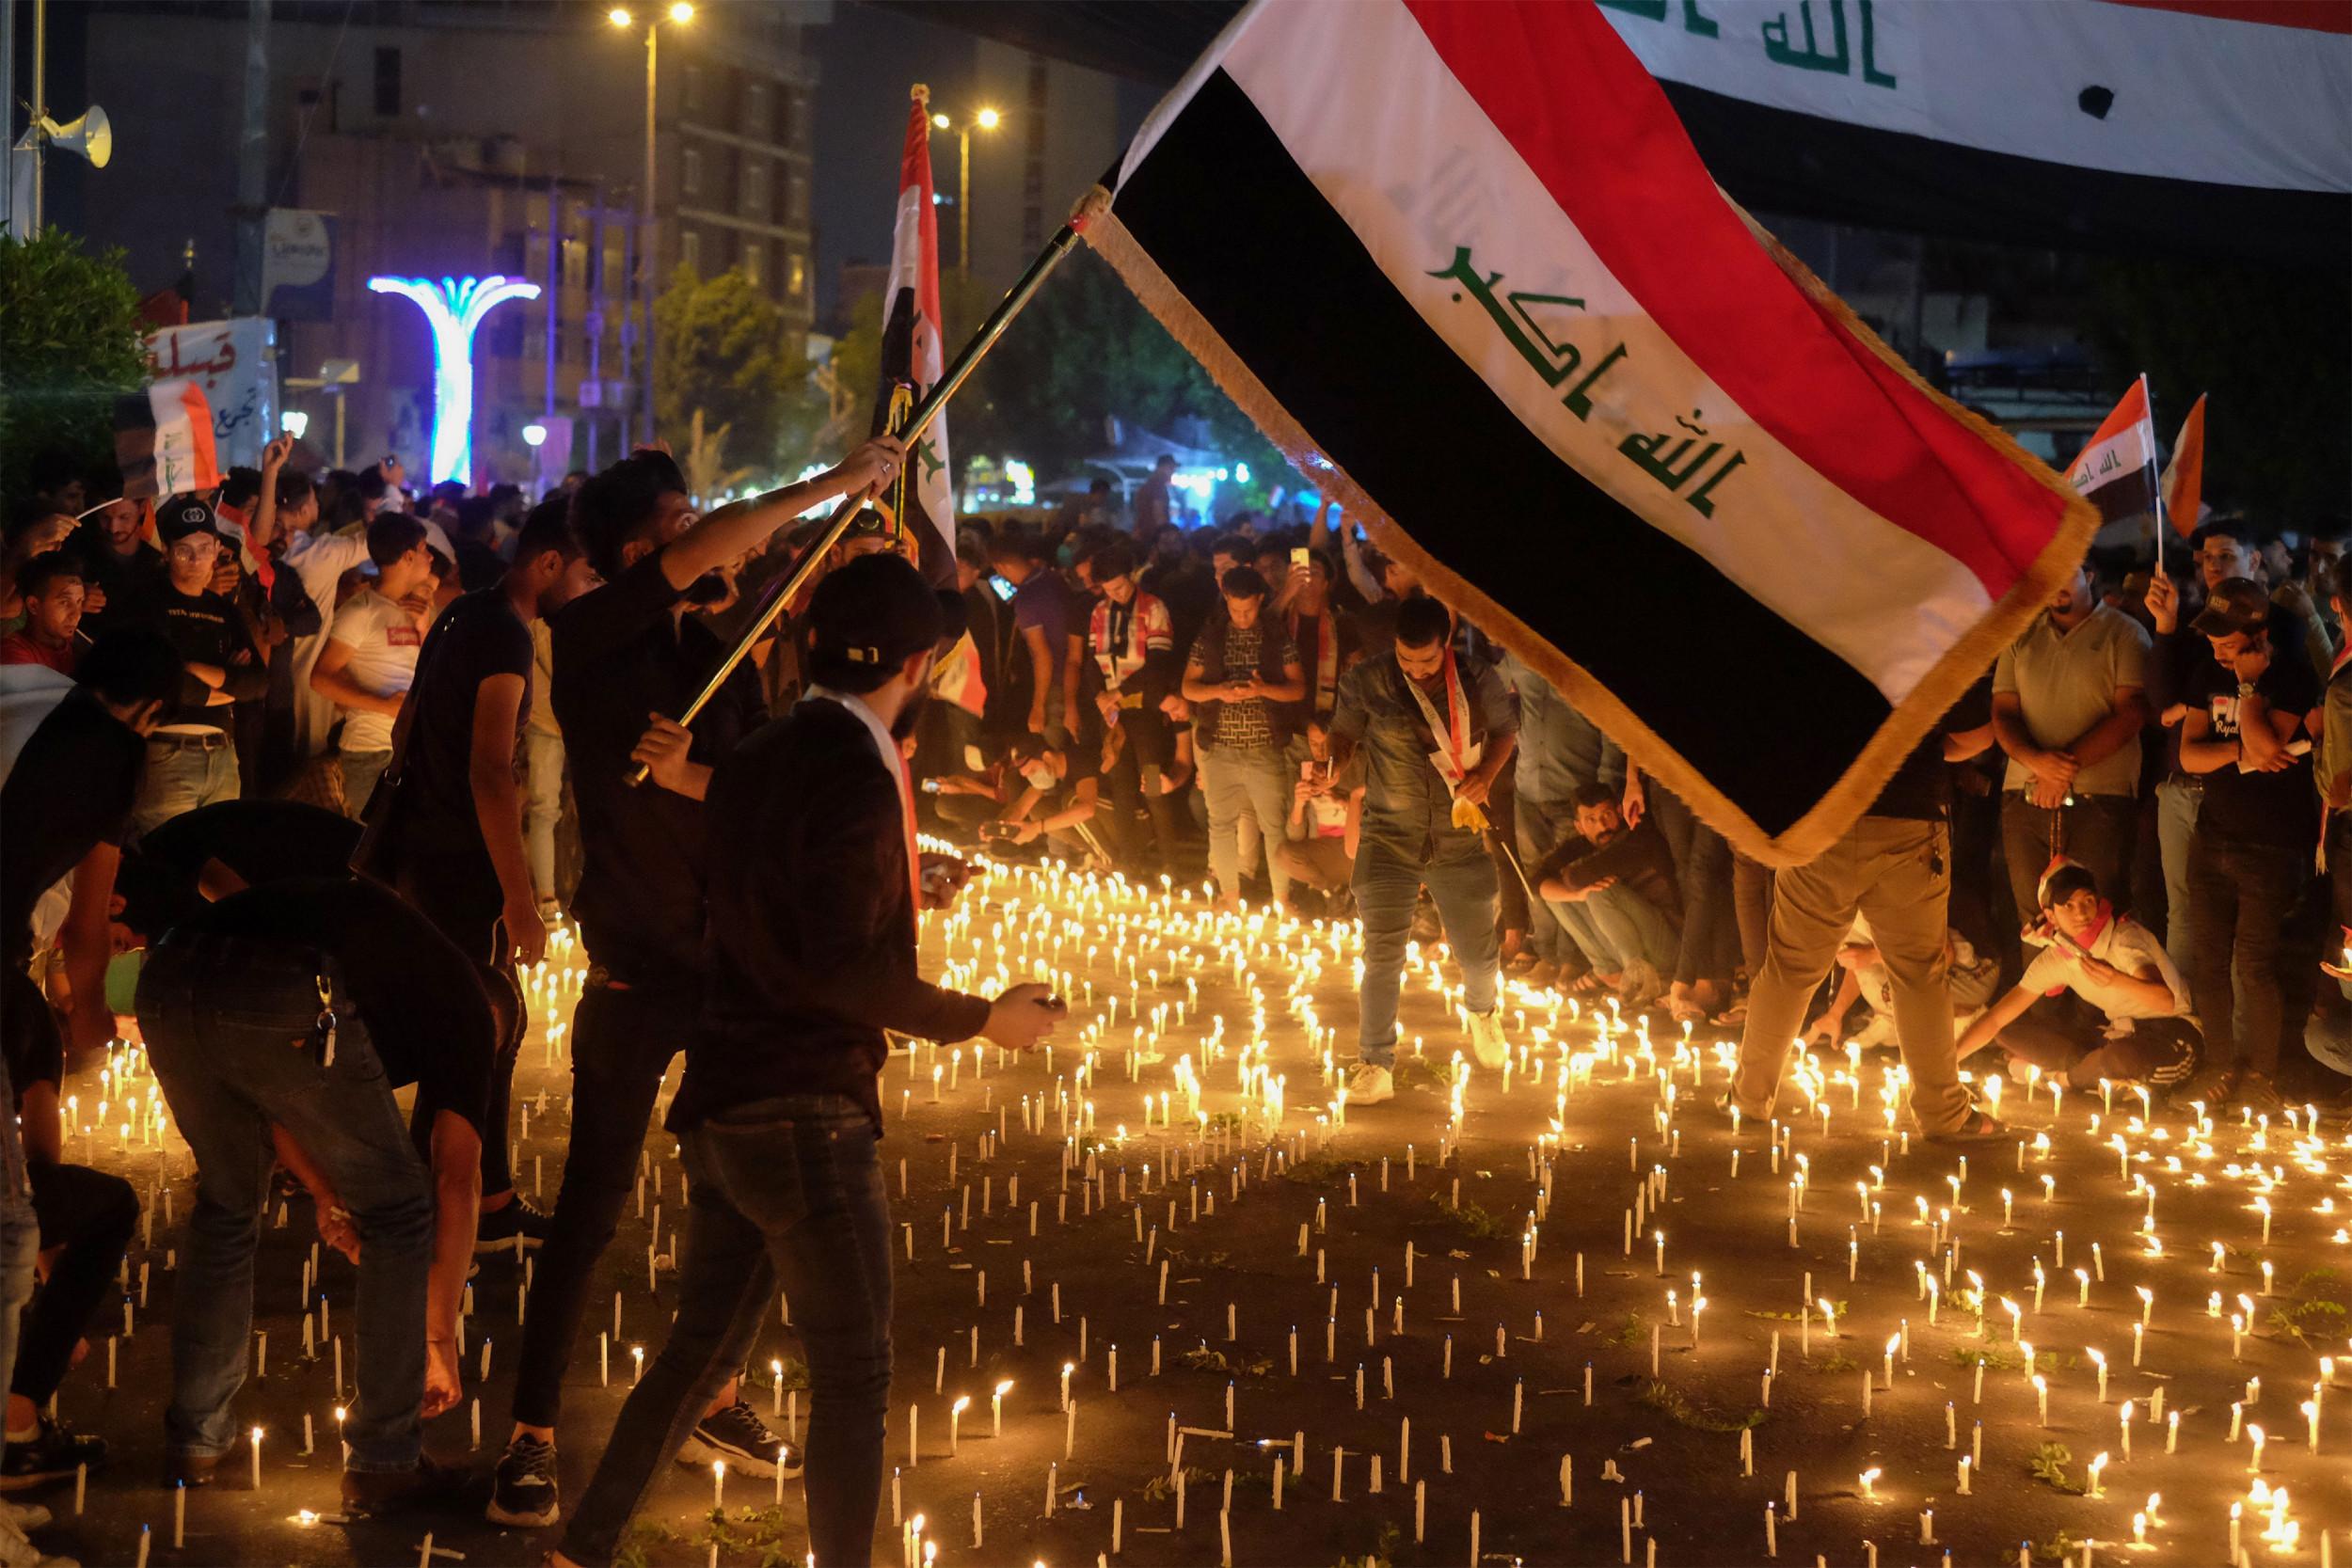 Demonstranti mašu zastavom Iraka i pale sveće za ubijene ljude tokom protesta, Bagdad, 01. novembar 2019. (Foto: MOHAMMED SAWAF/AFP via Getty Image)